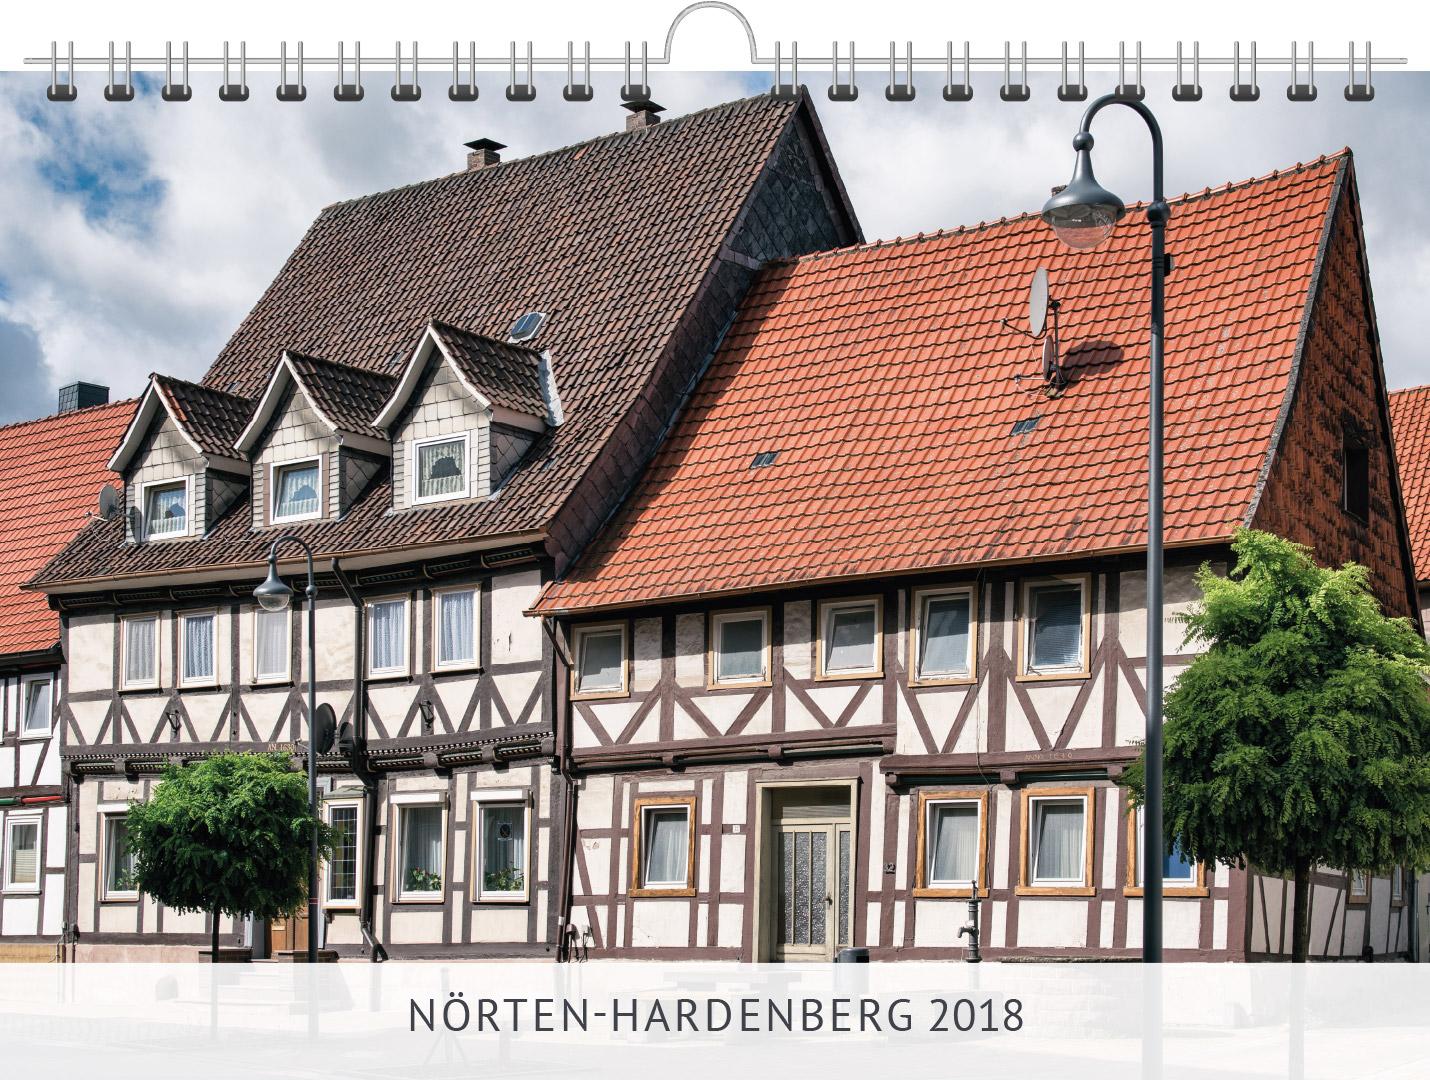 Kalender Nörten-Hardenberg Titelbild